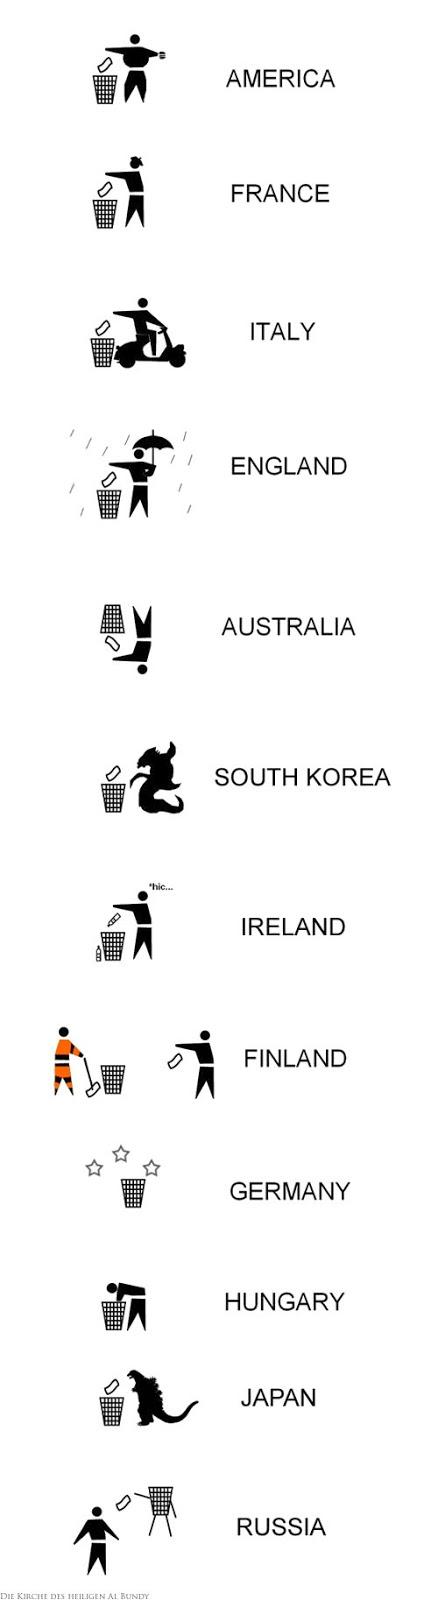 Wegwerfgesellschaft der Nationen lustig